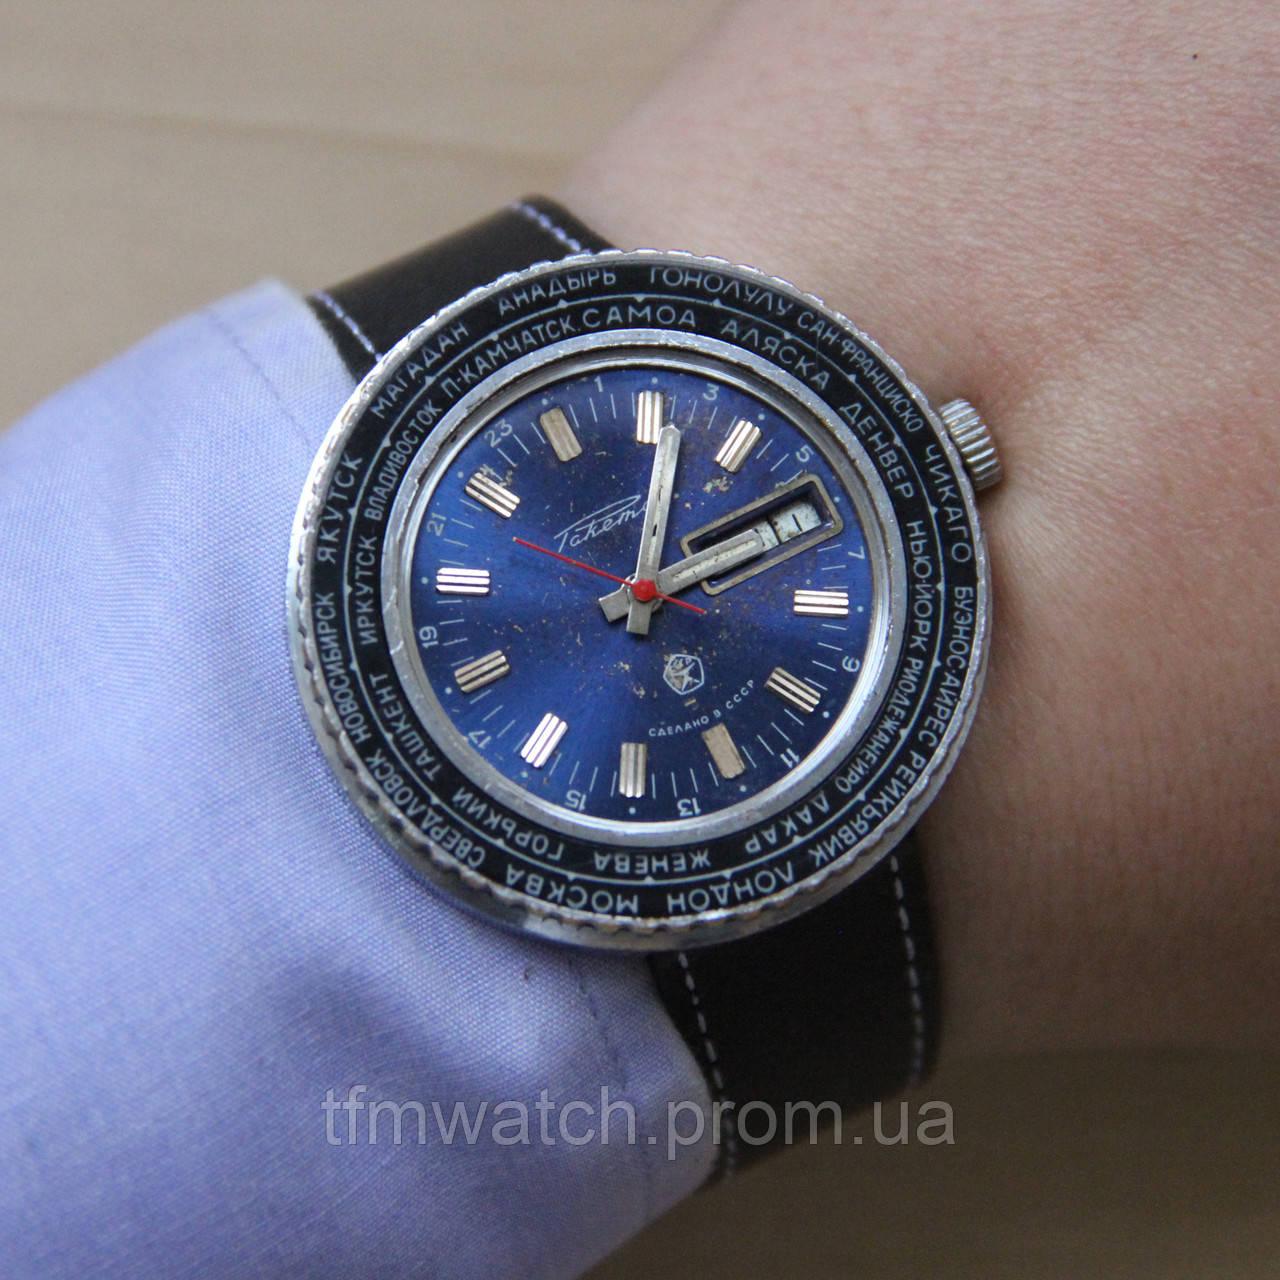 Купить механические часы мужские иркутск